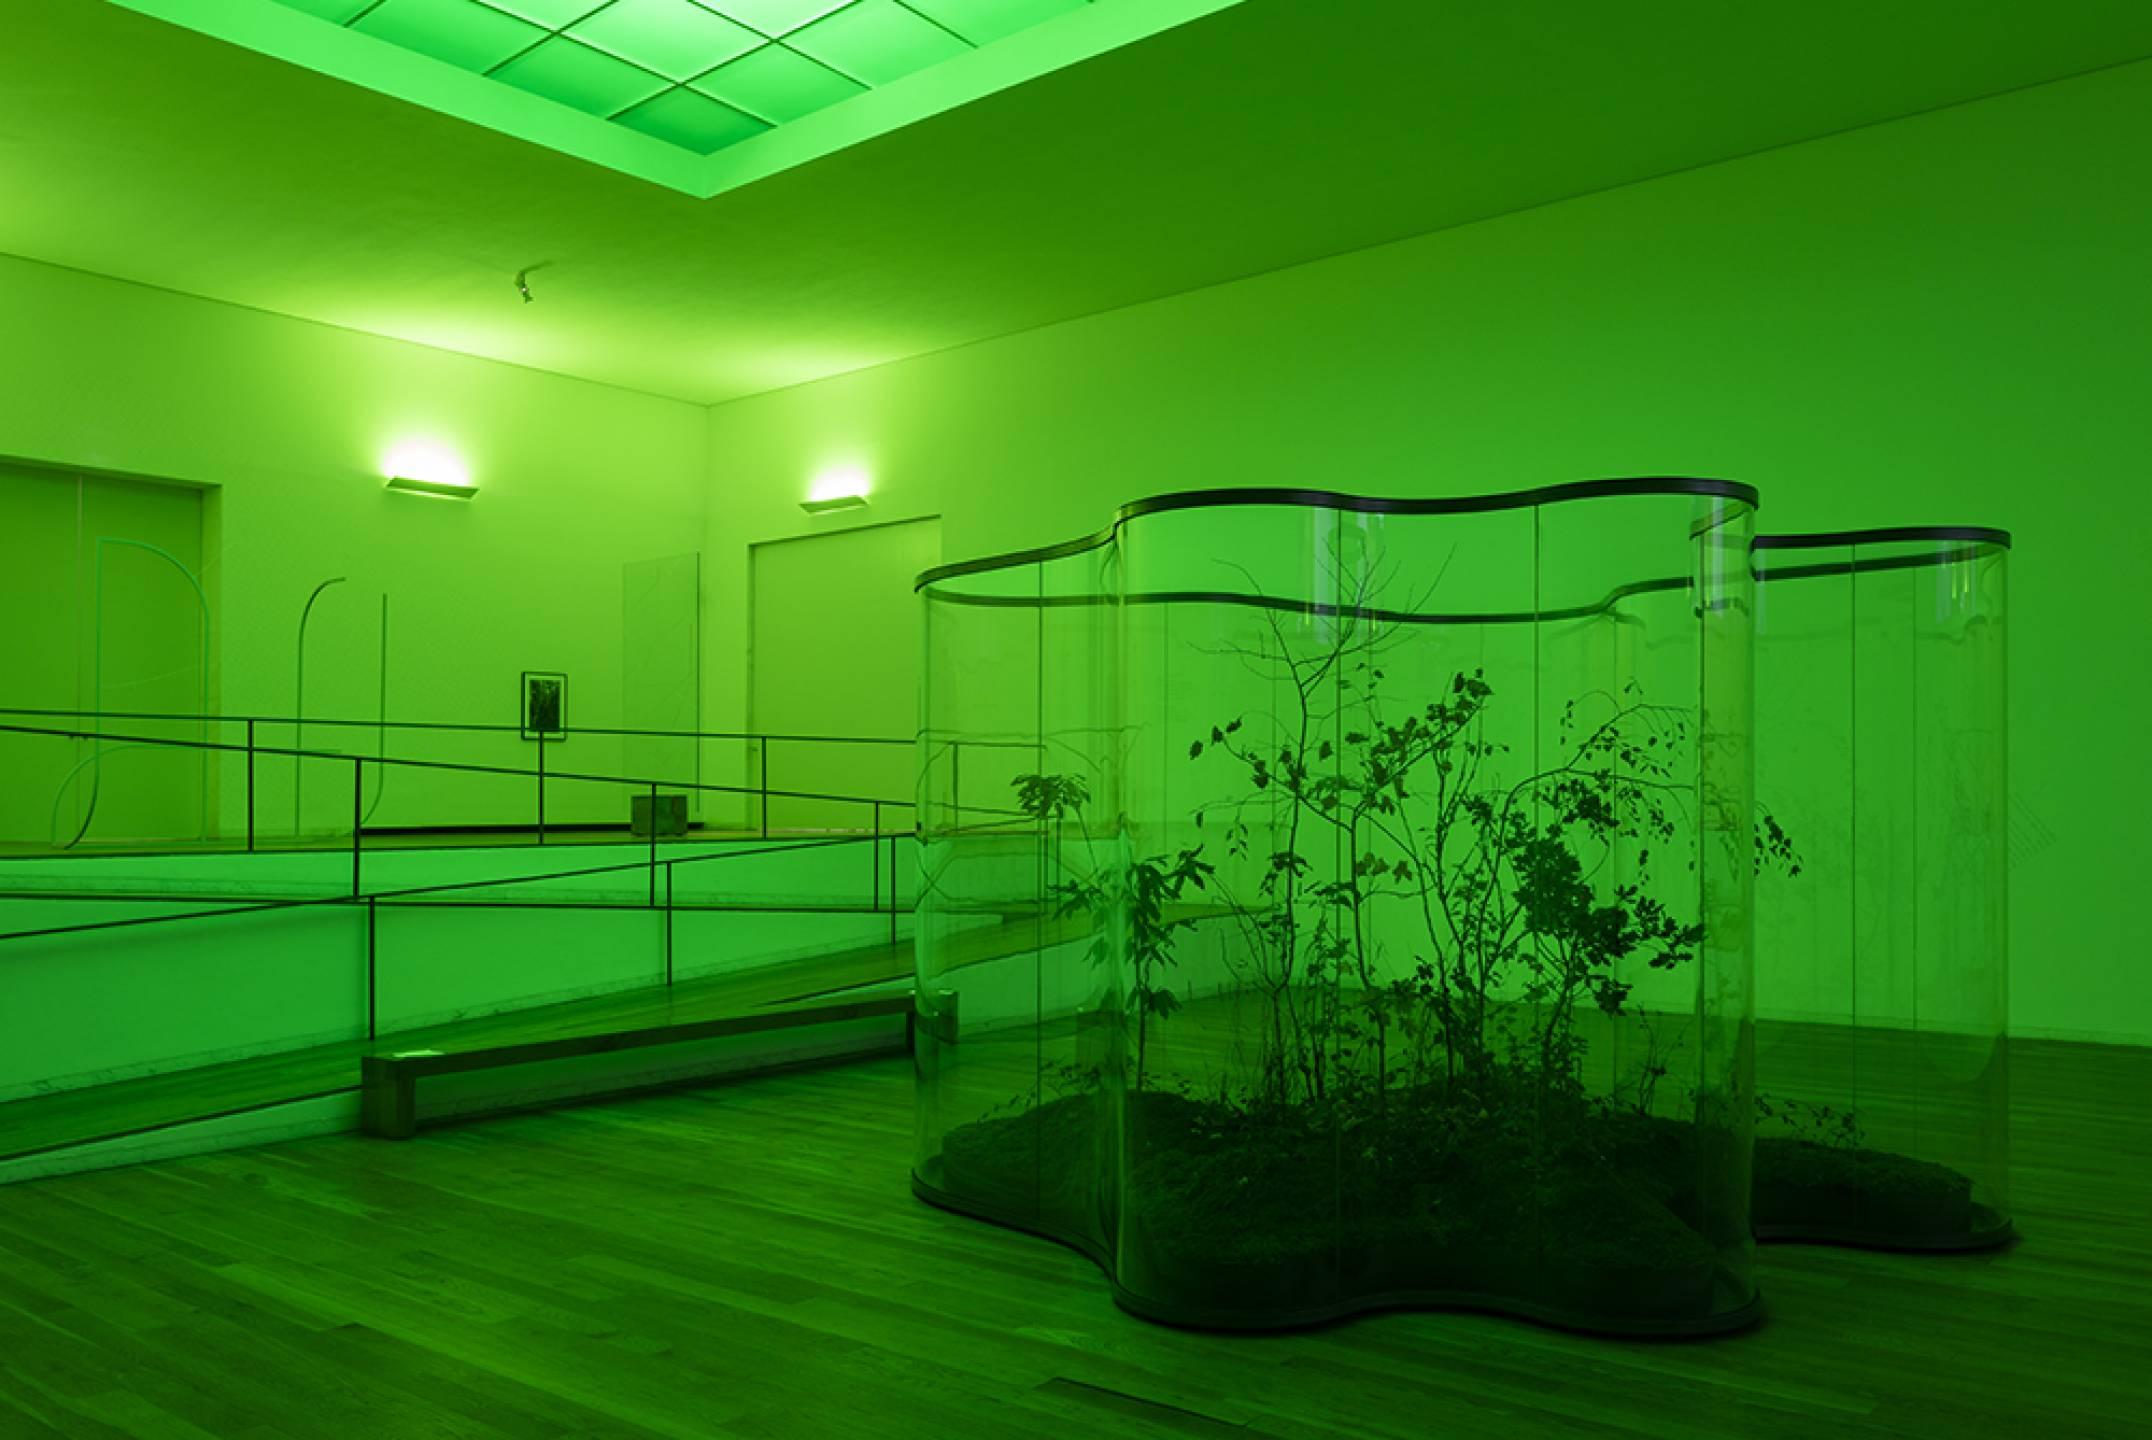 Daniel Steegmann Mangrané,&nbsp;<em>A Transparent Leaf, Instead of the Mouth</em>,&nbsp;Museu de Arte Contemporânea de Serralves,&nbsp;Porto, 2017 - Mendes Wood DM